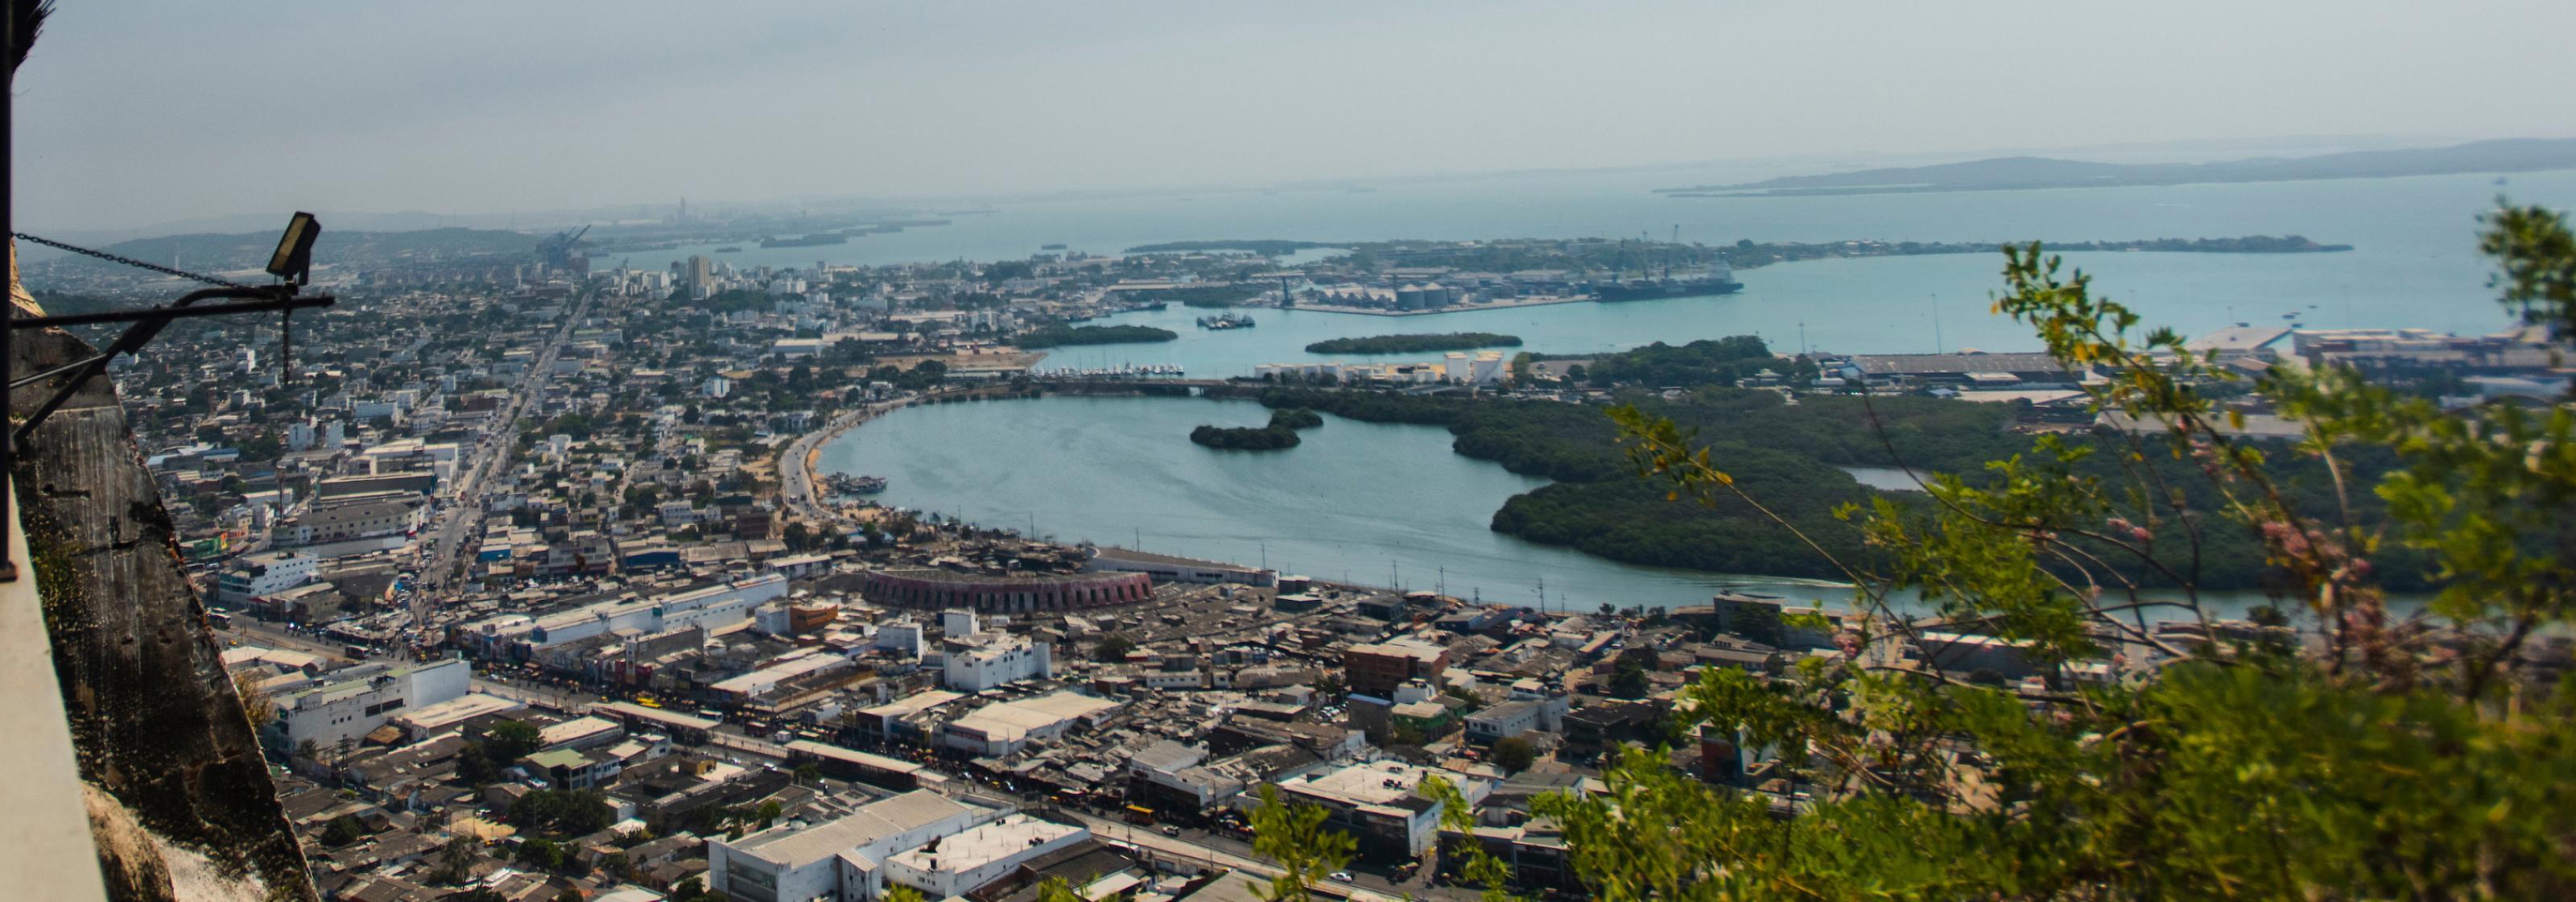 Cose da fare a Cartagena